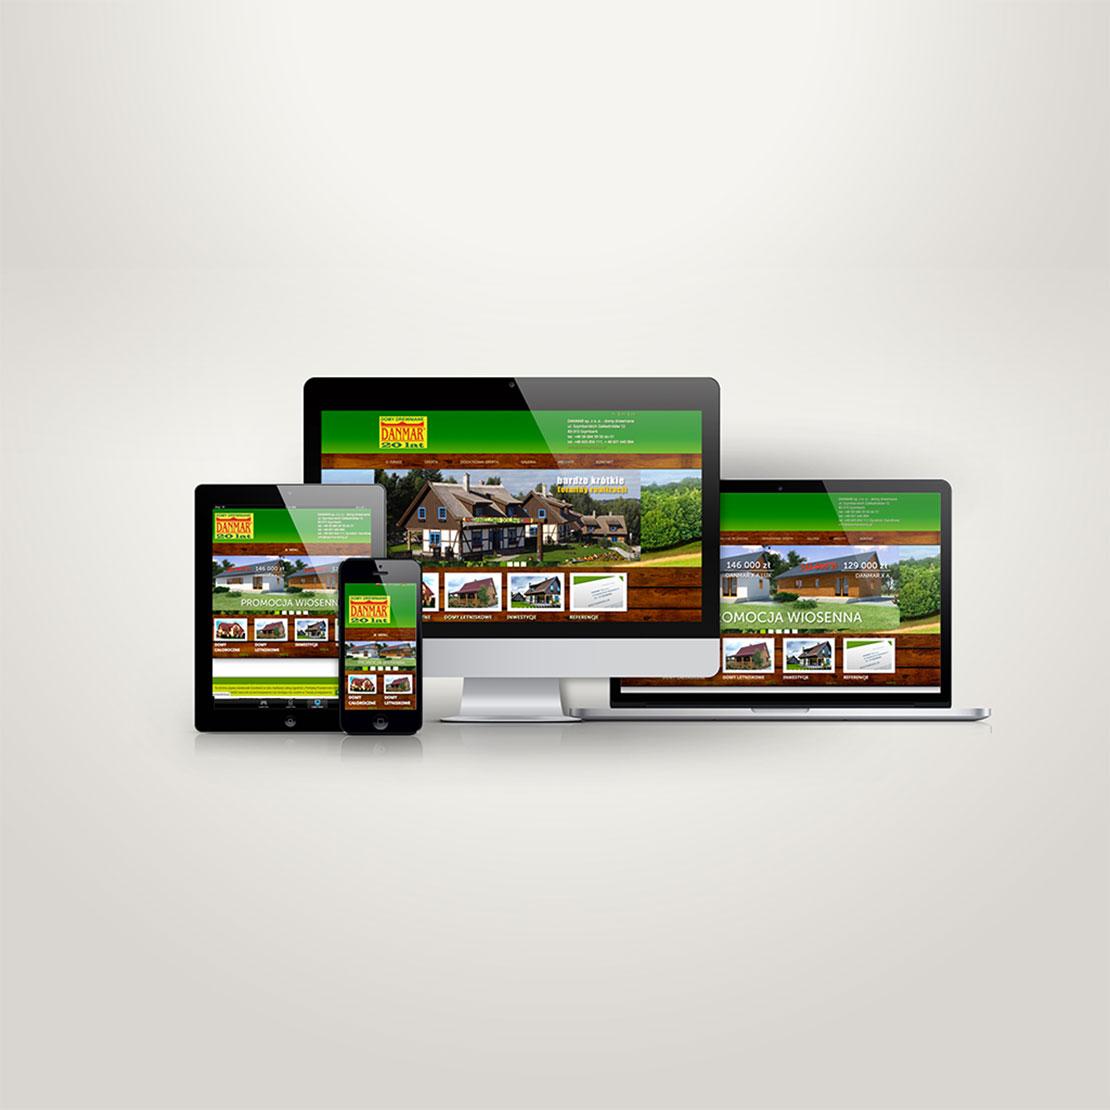 Strona internetowa Danmar Domy